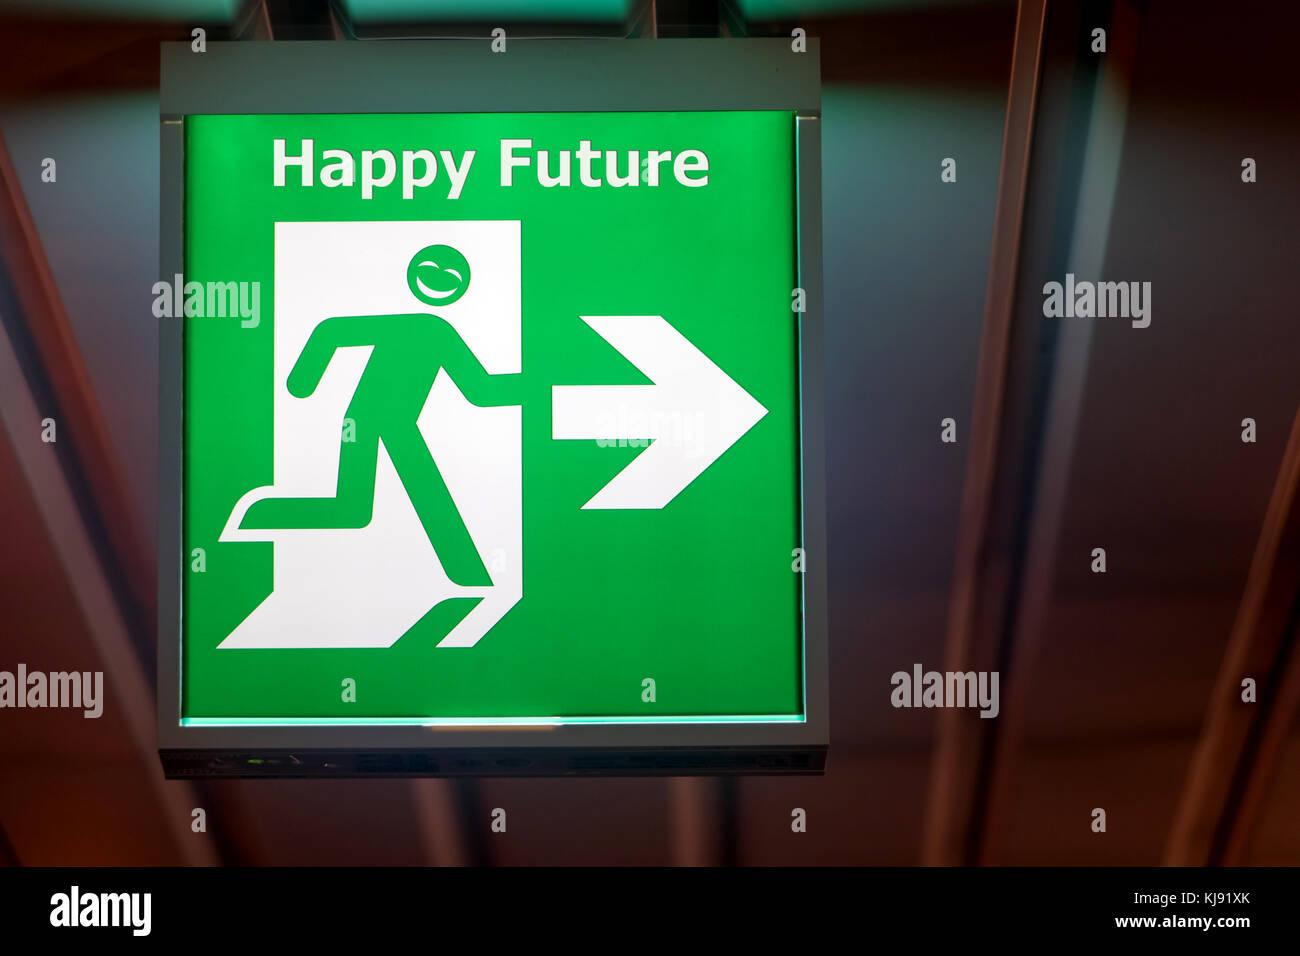 Der Notausgang Schild zeigt die Richtung der Flucht bei Anforderung der glückliche Zukunft. Stockbild